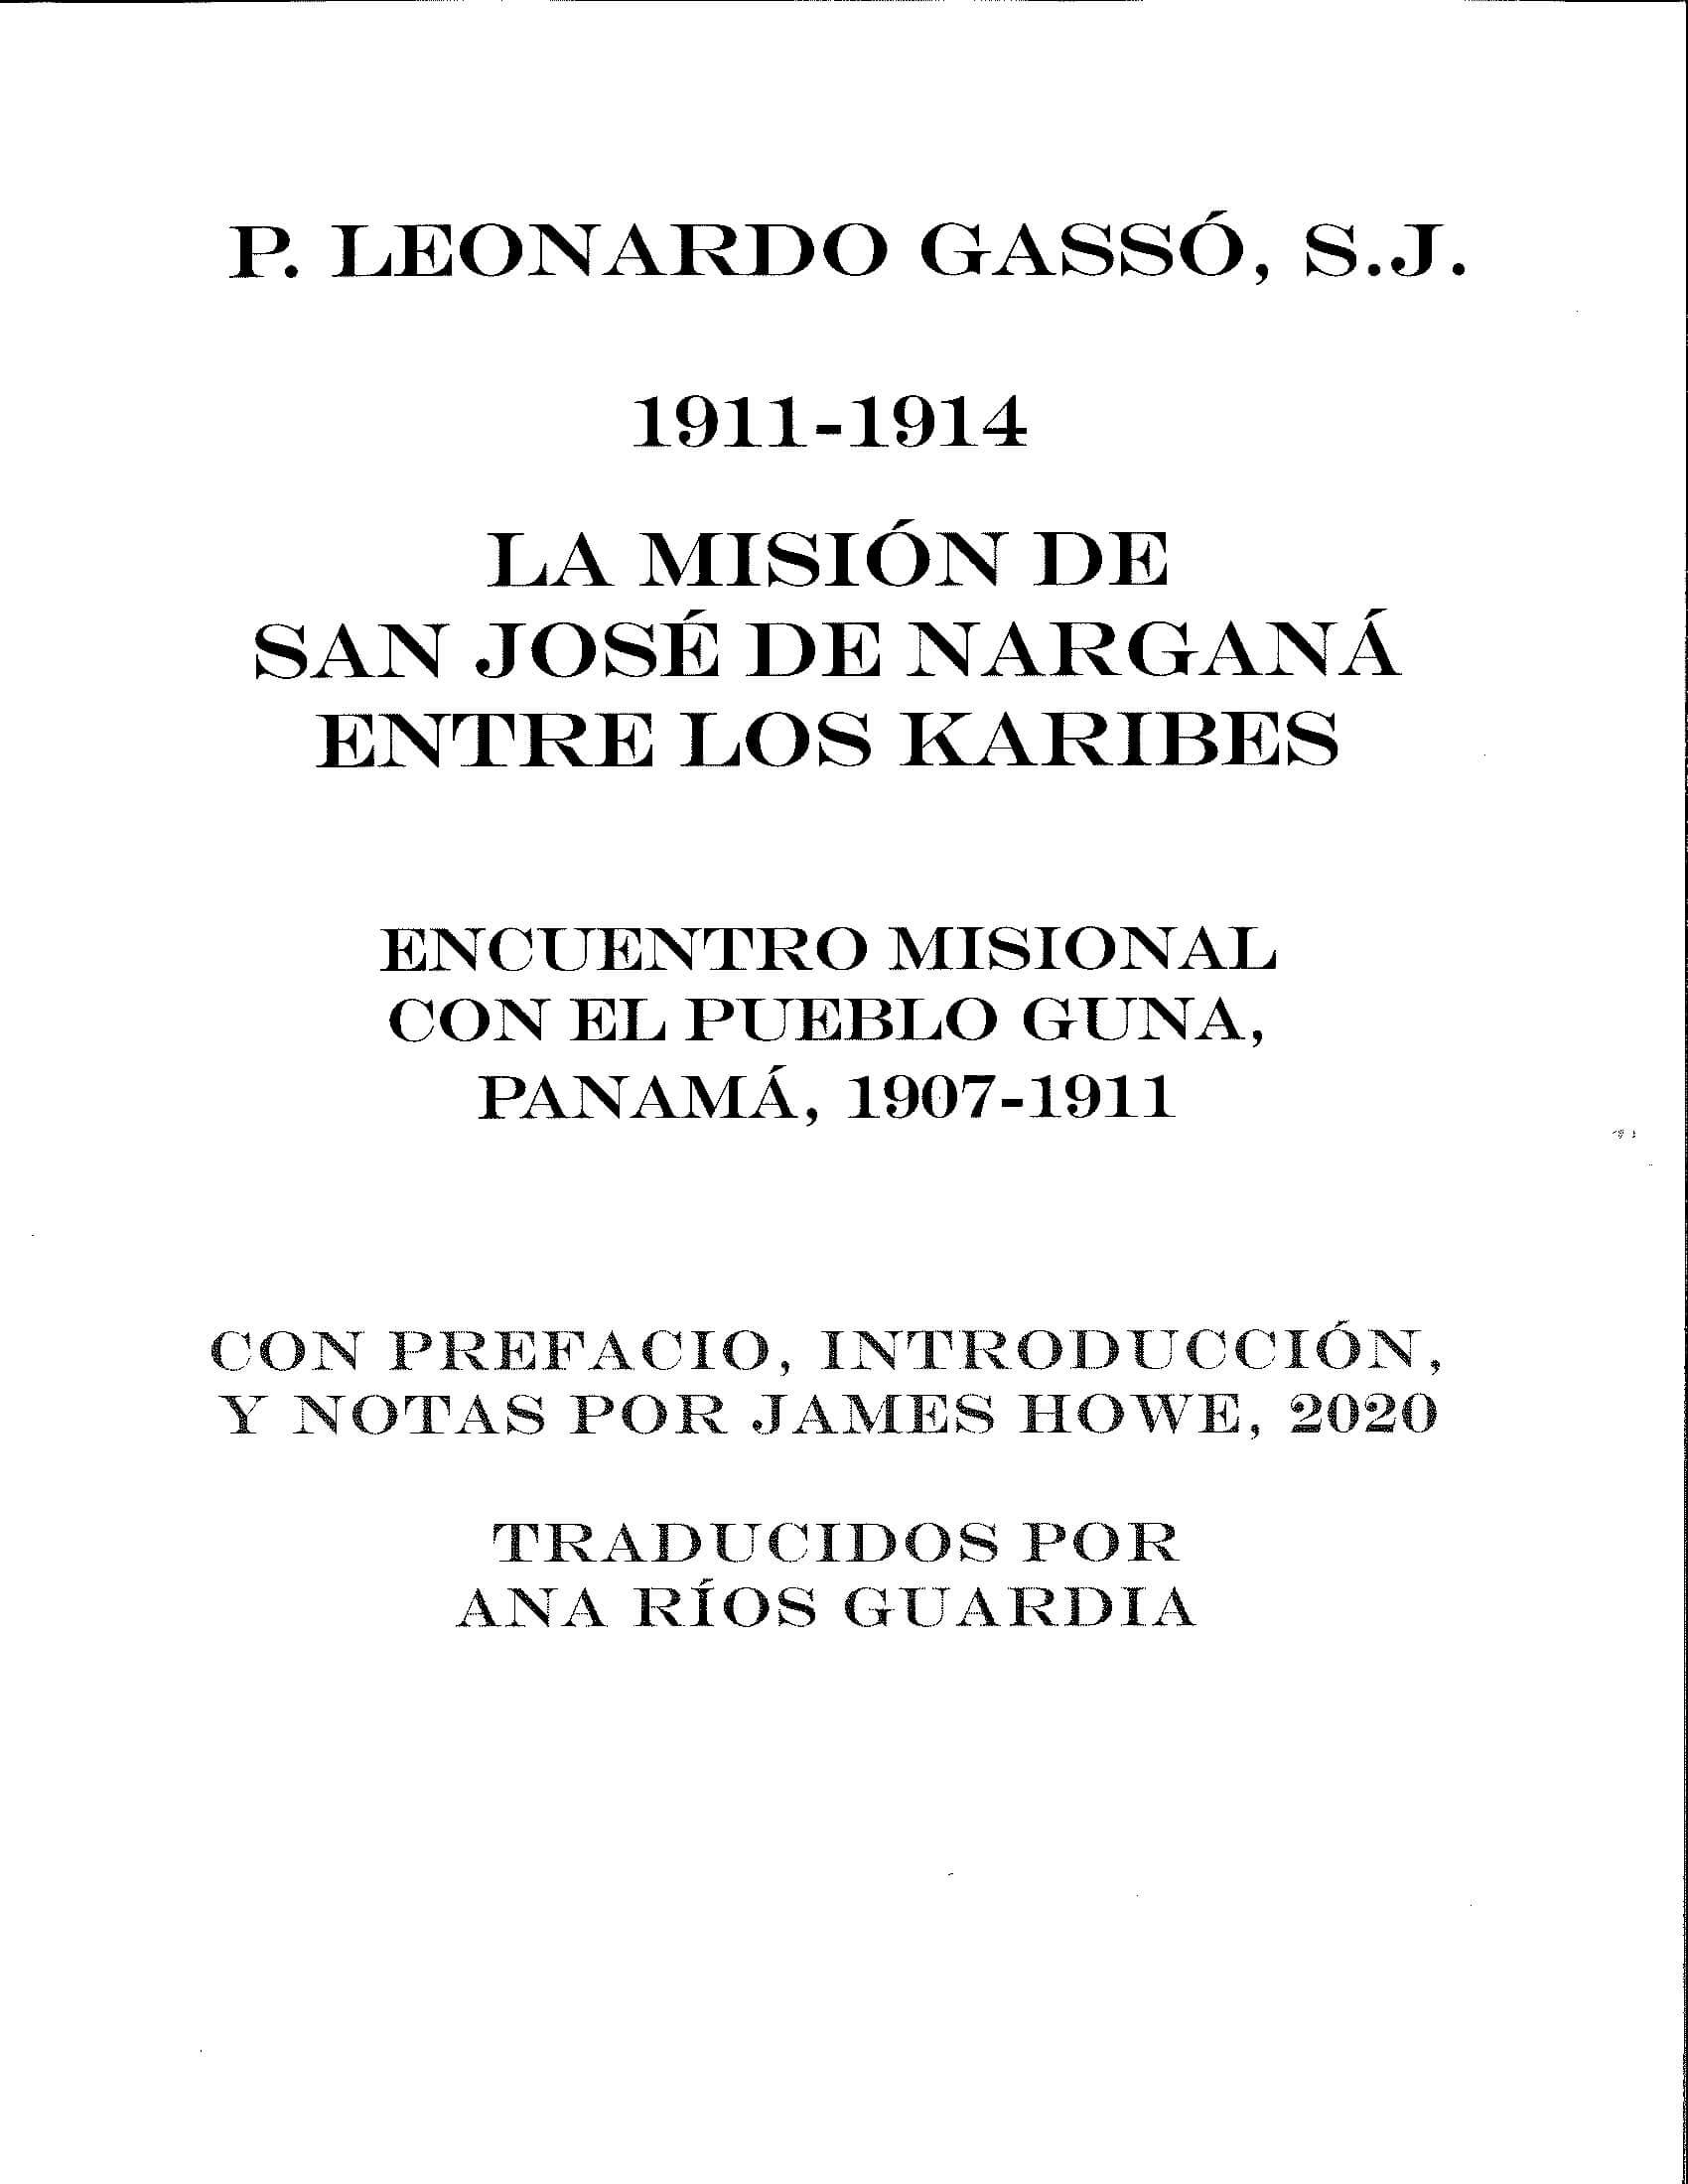 LA MISIÓN DE NARGANÁ, de L. Gassó (intro by J. Howe, 2020)